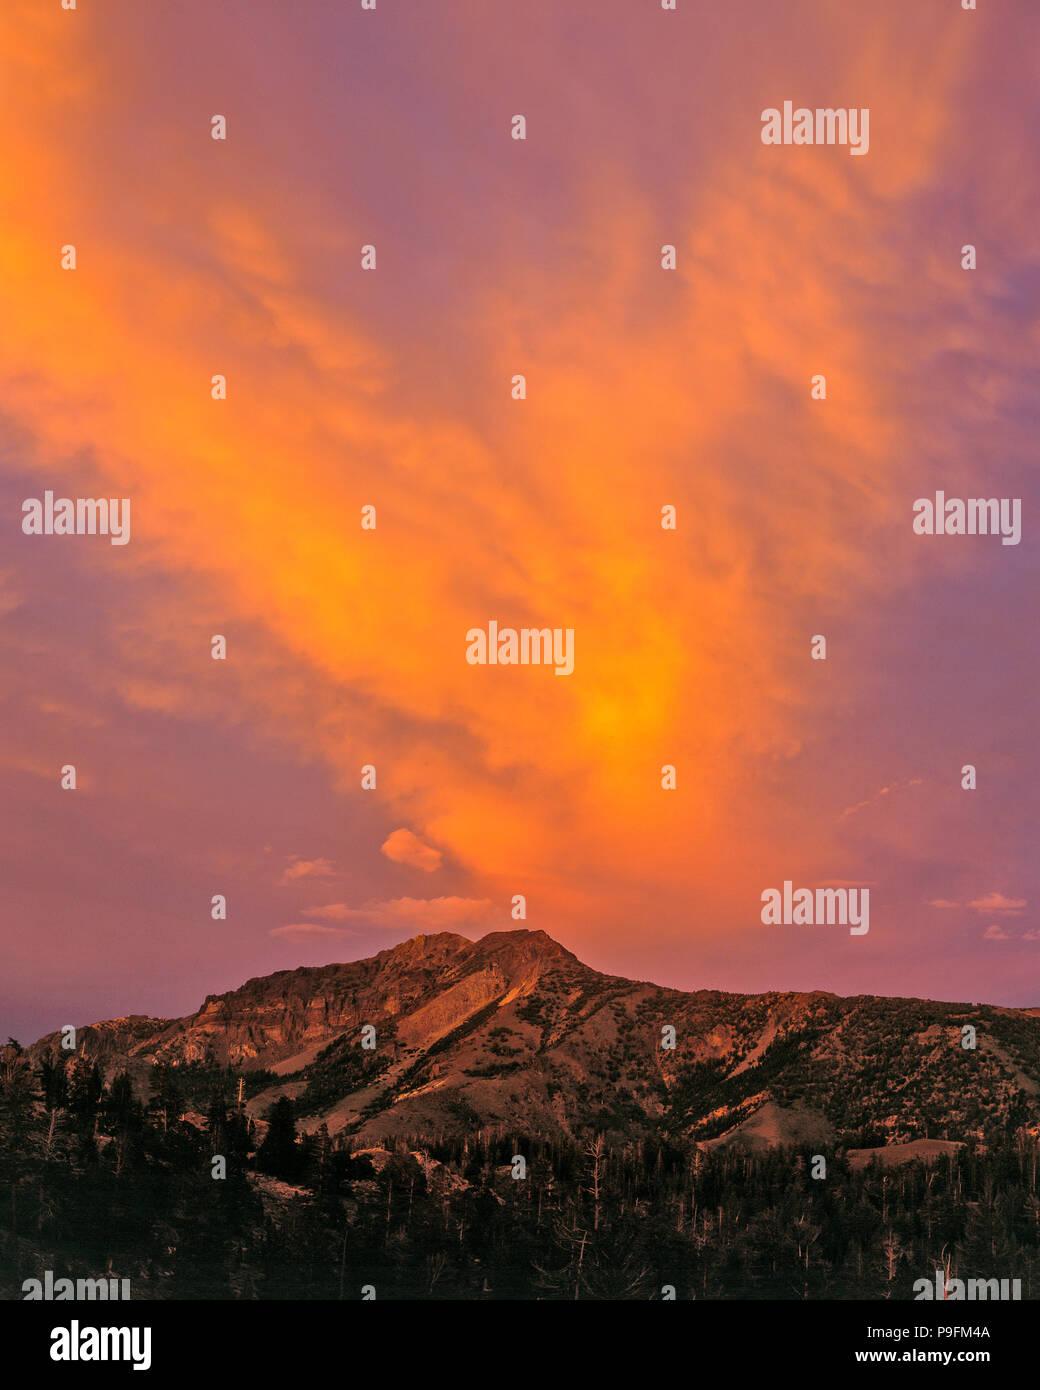 Sonnenuntergang, Silver Peak, Carson-Iceberg Wüste, Stanislaus National Forest, Sierra Nevada, Kalifornien Stockbild